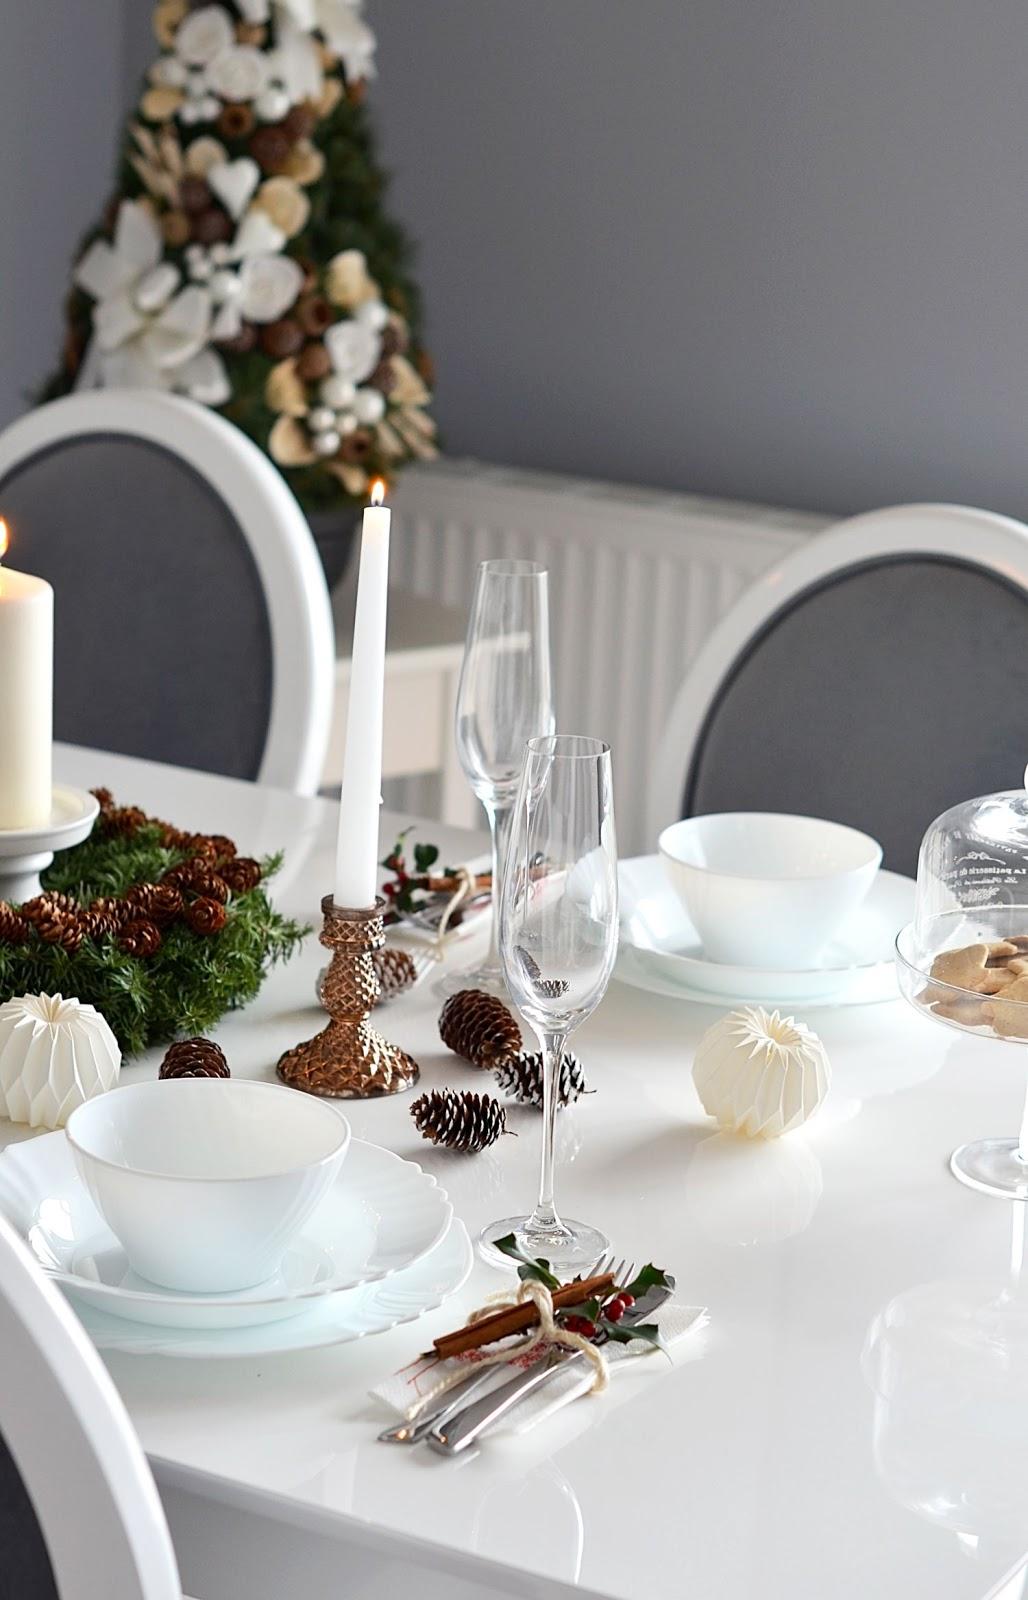 dekoracje stolu na swieta | blogi wnetrzarskie